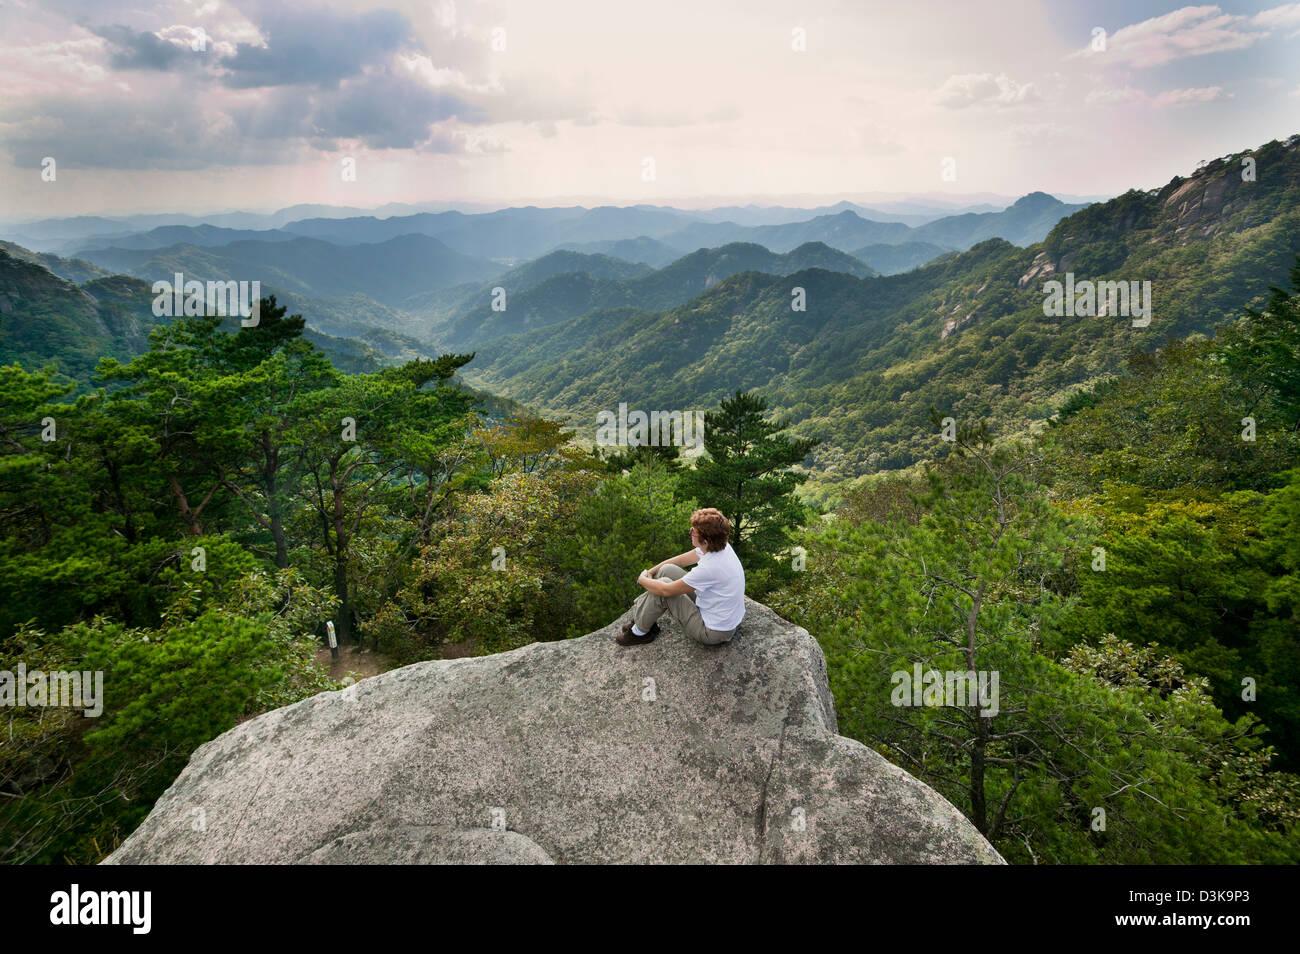 República de Corea, Chungcheongbuk-Do, Parque Nacional Songnisan, panorama de montaña Imagen De Stock